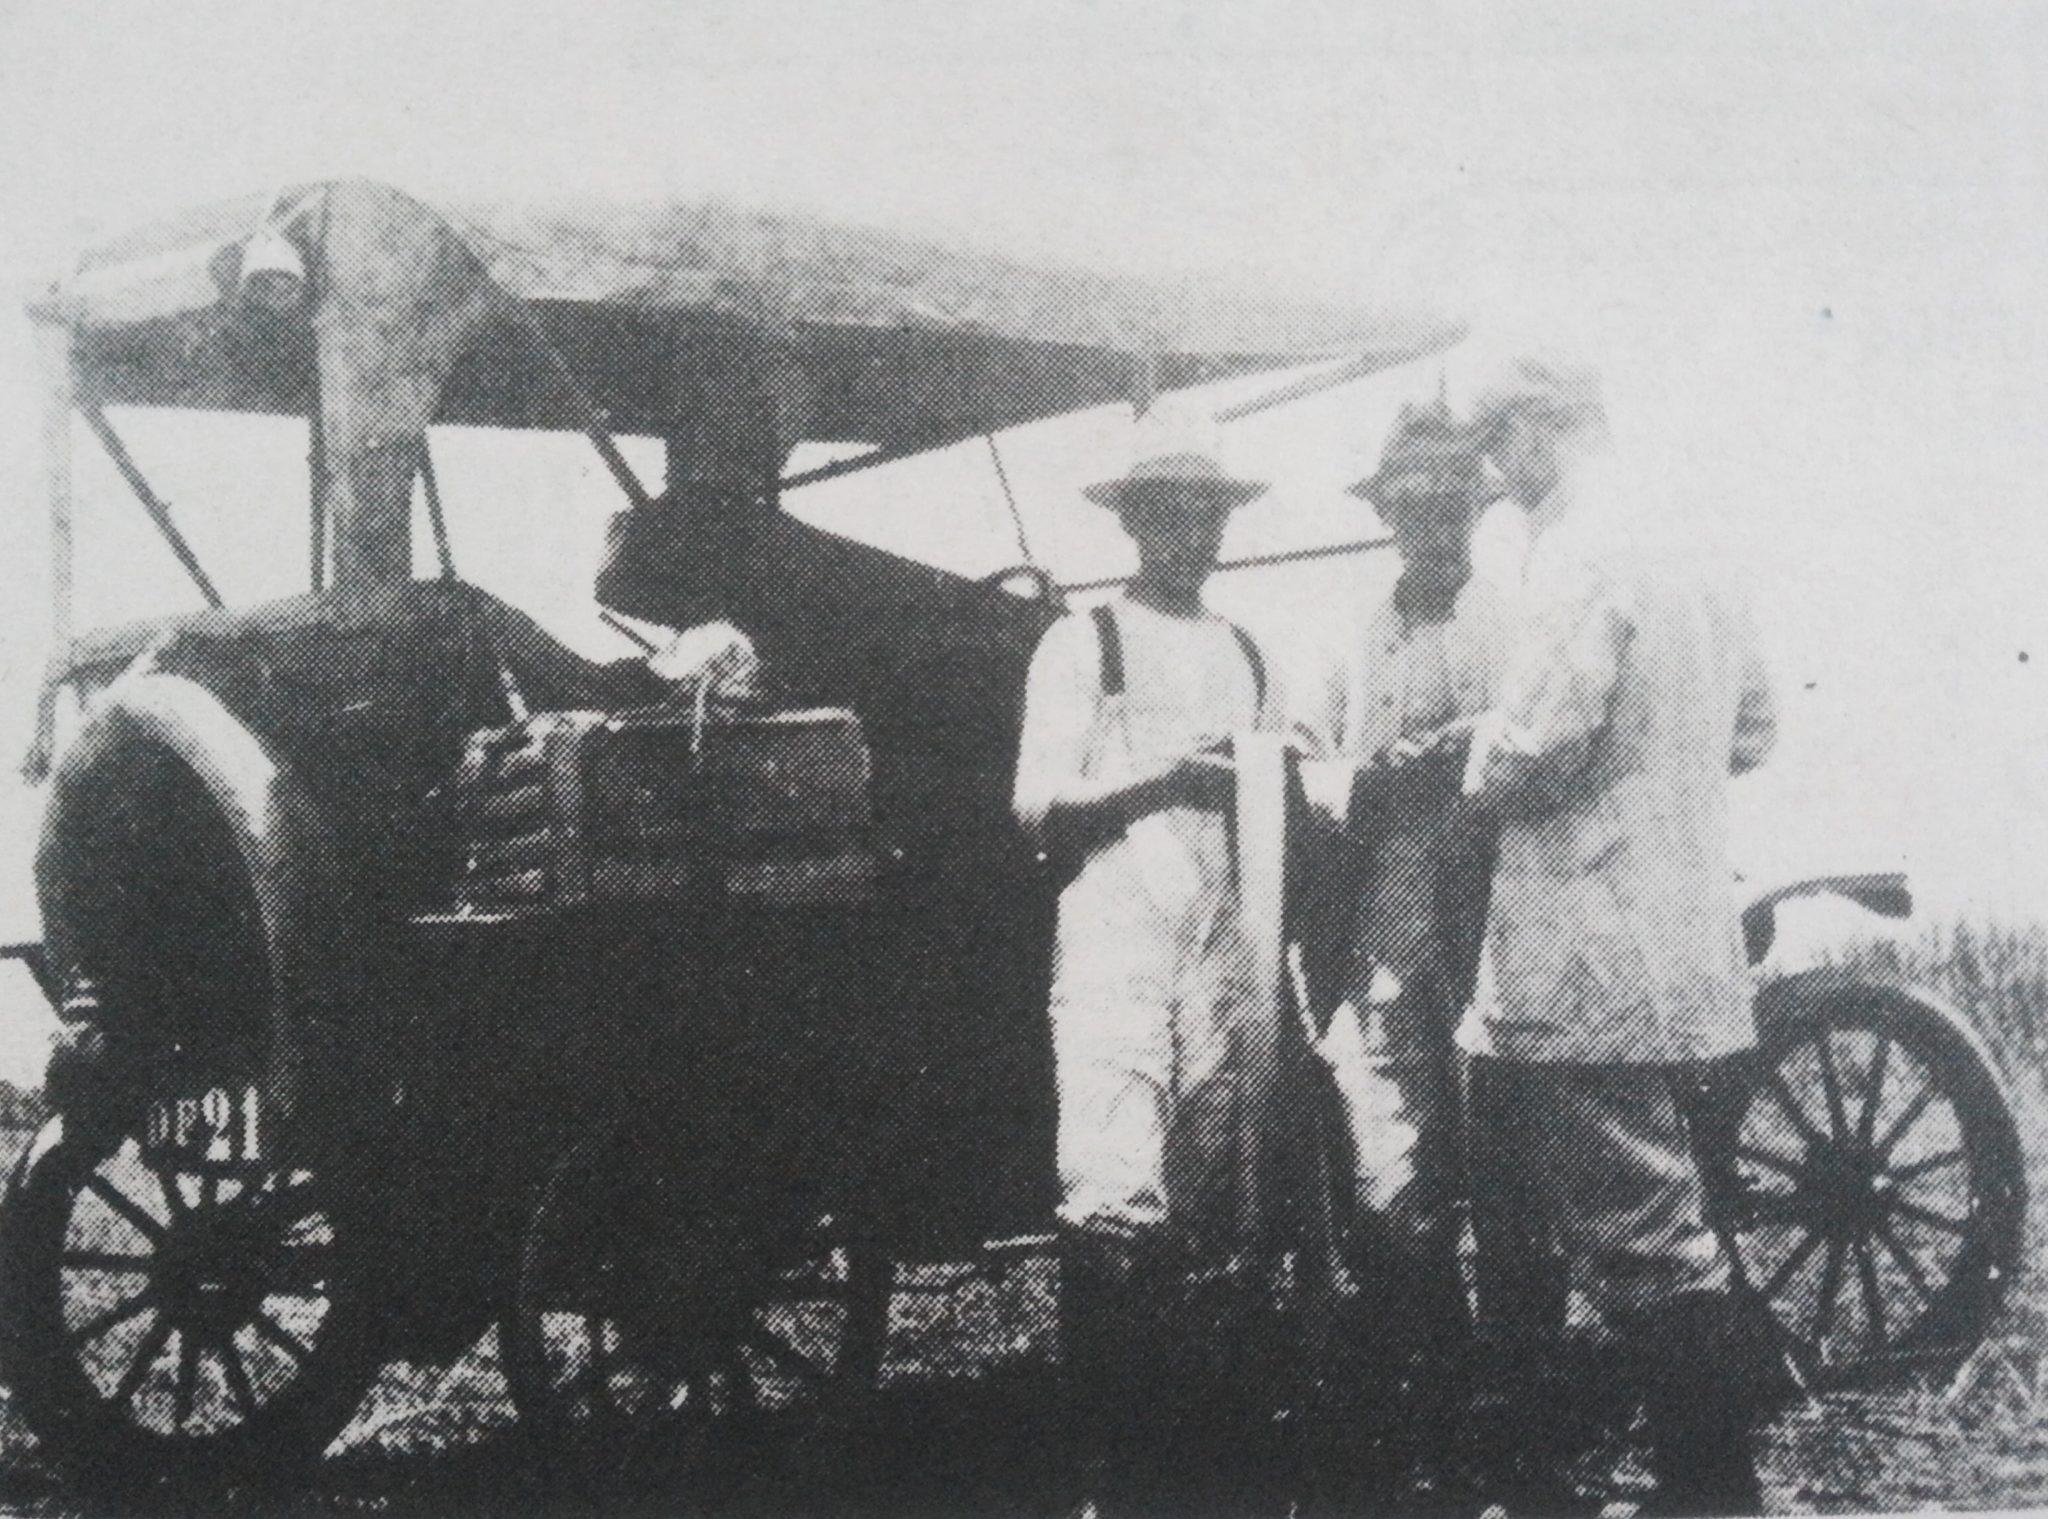 En 1916 se registró el primer viaje en automóvil desde Barquisimeto a Caracas